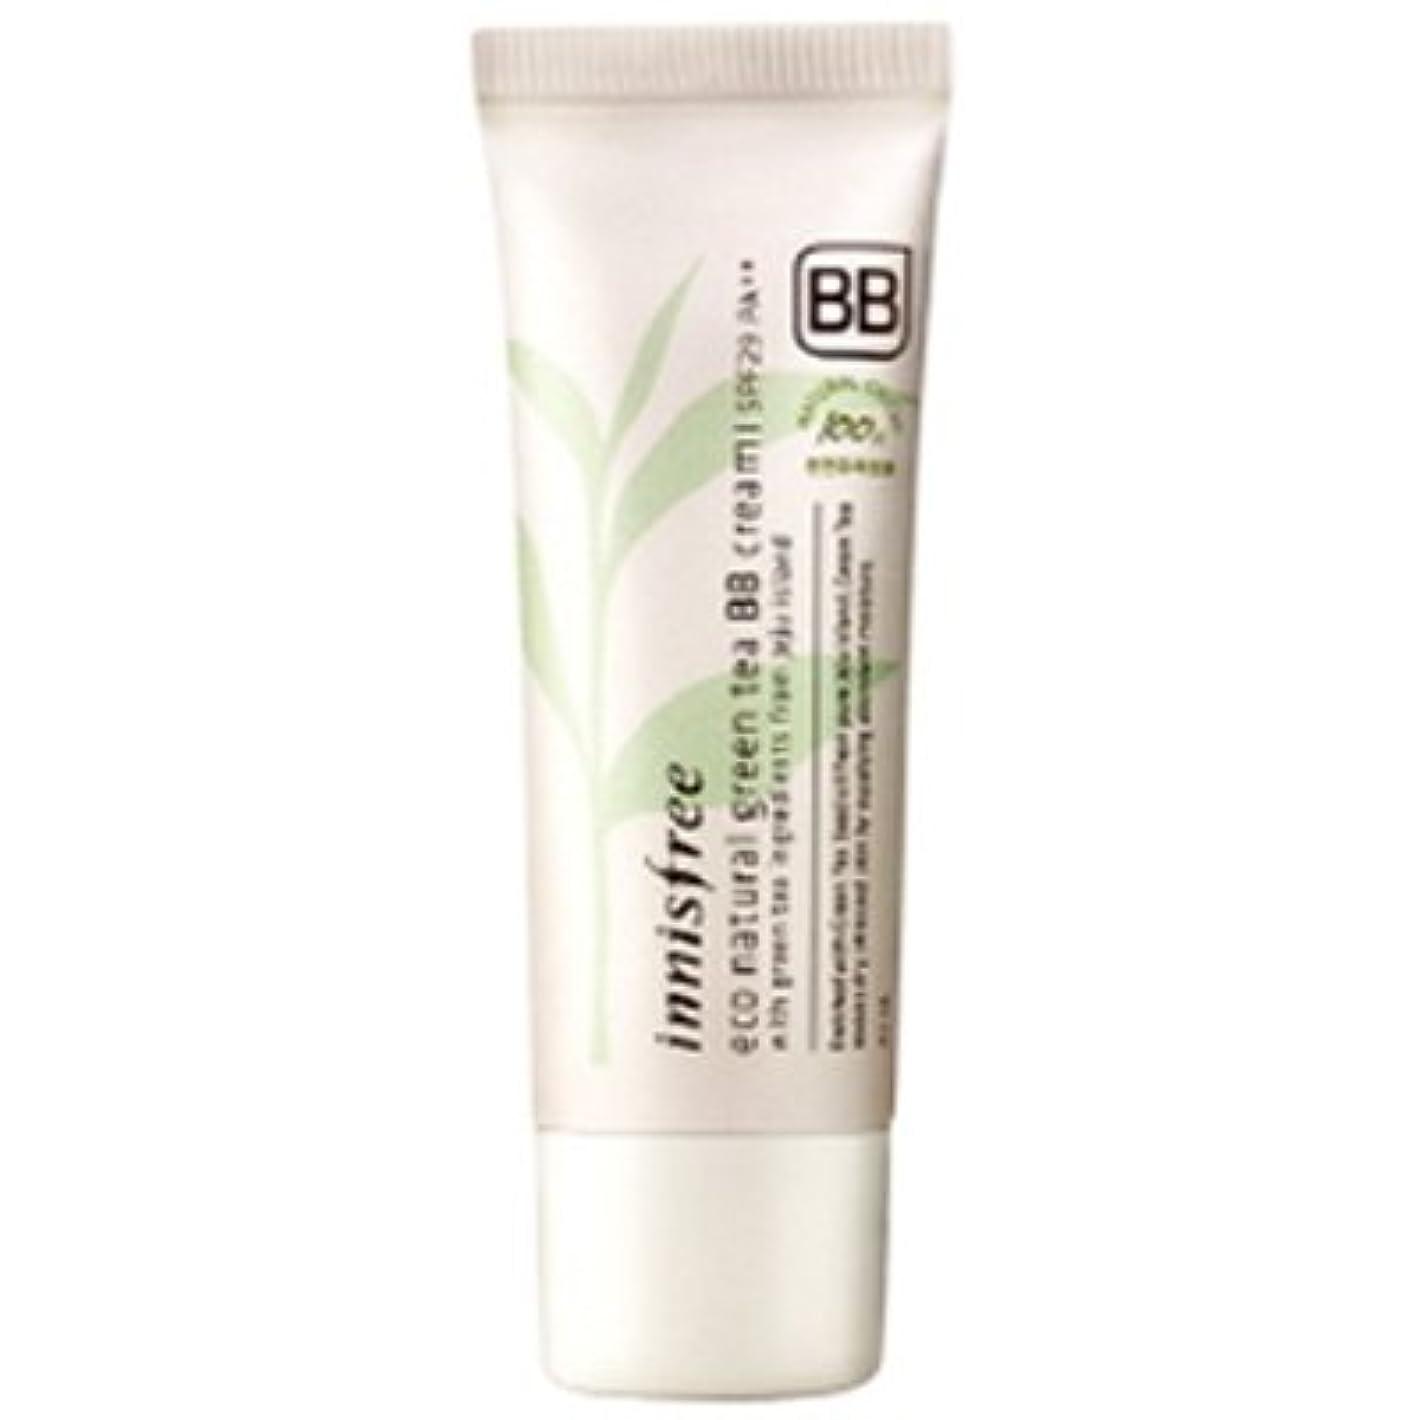 証人爵テロリストinnisfree(イニスフリー) Eco natural green tea BB cream エコ ナチュラル グリーン ティー BB クリーム SPF29/PA++ 40ml #1:ライトベージュ